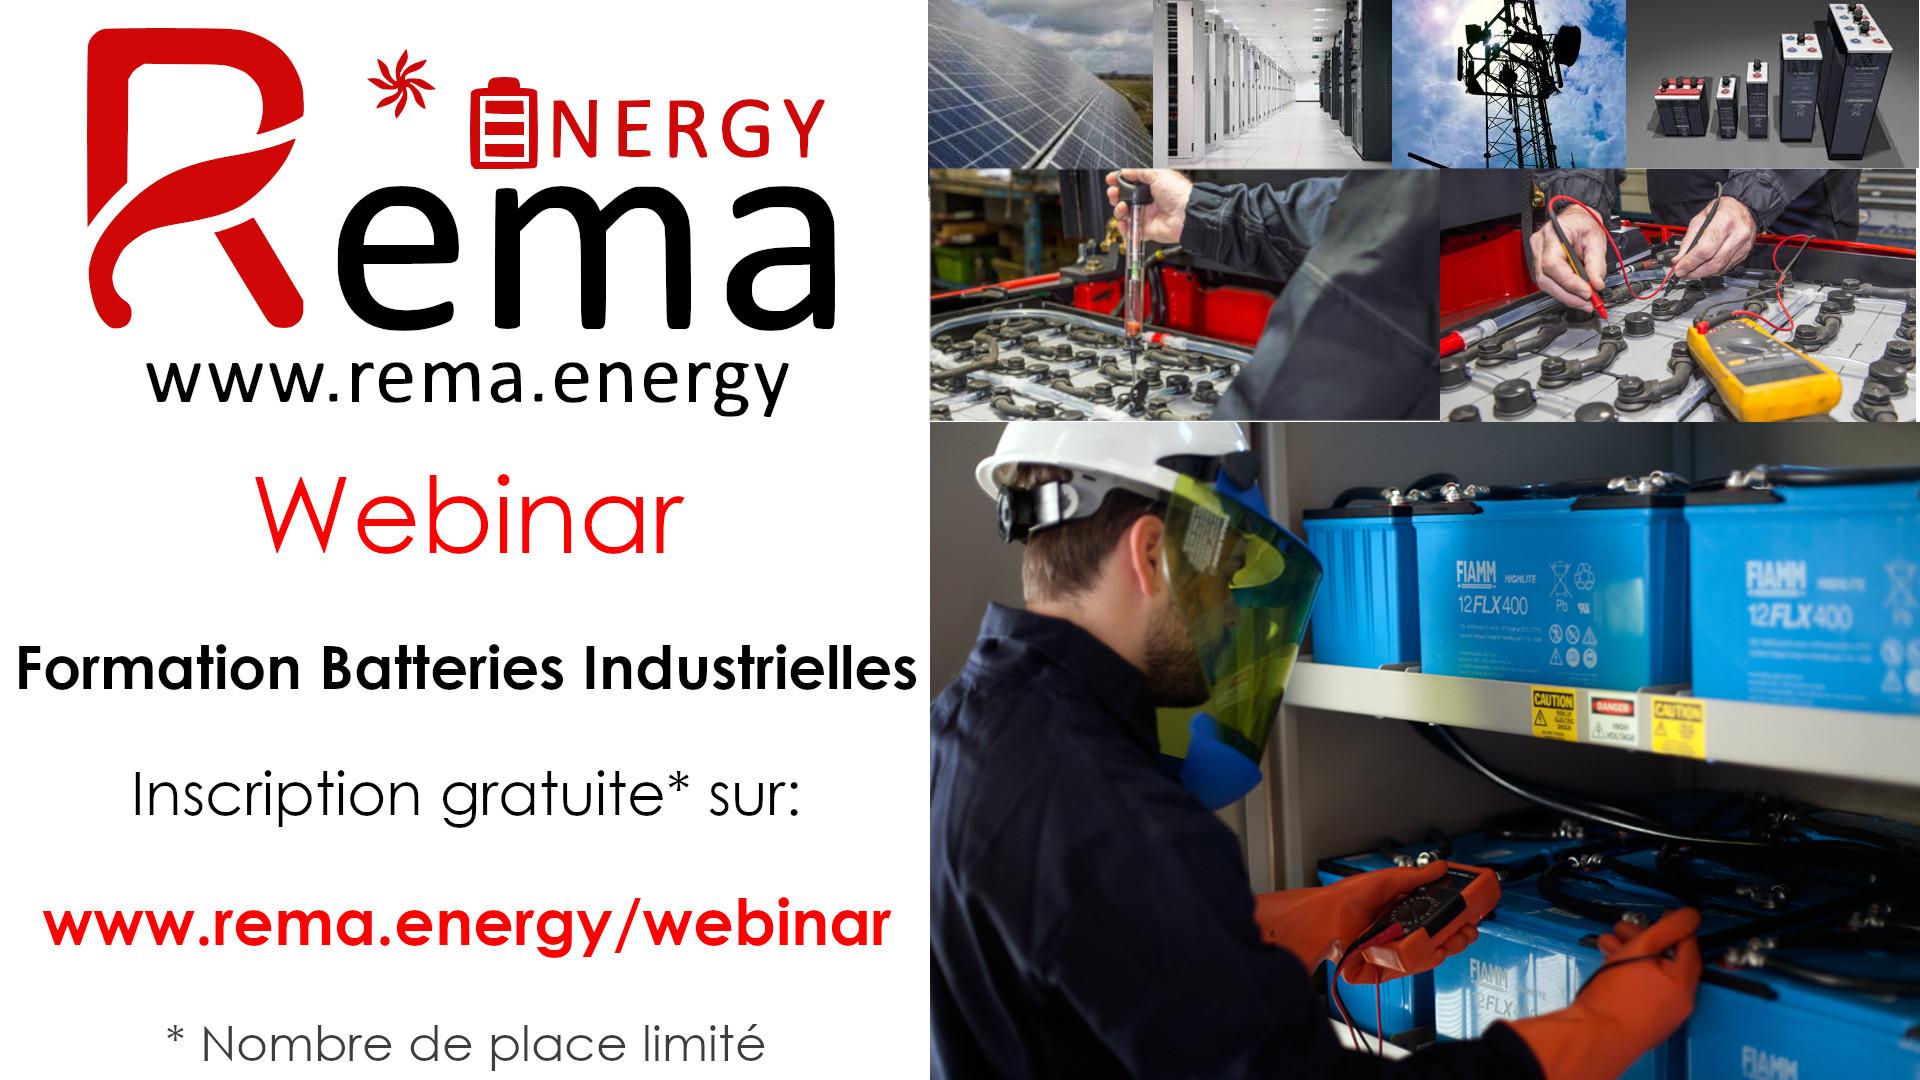 Webinar REMA ENERGY